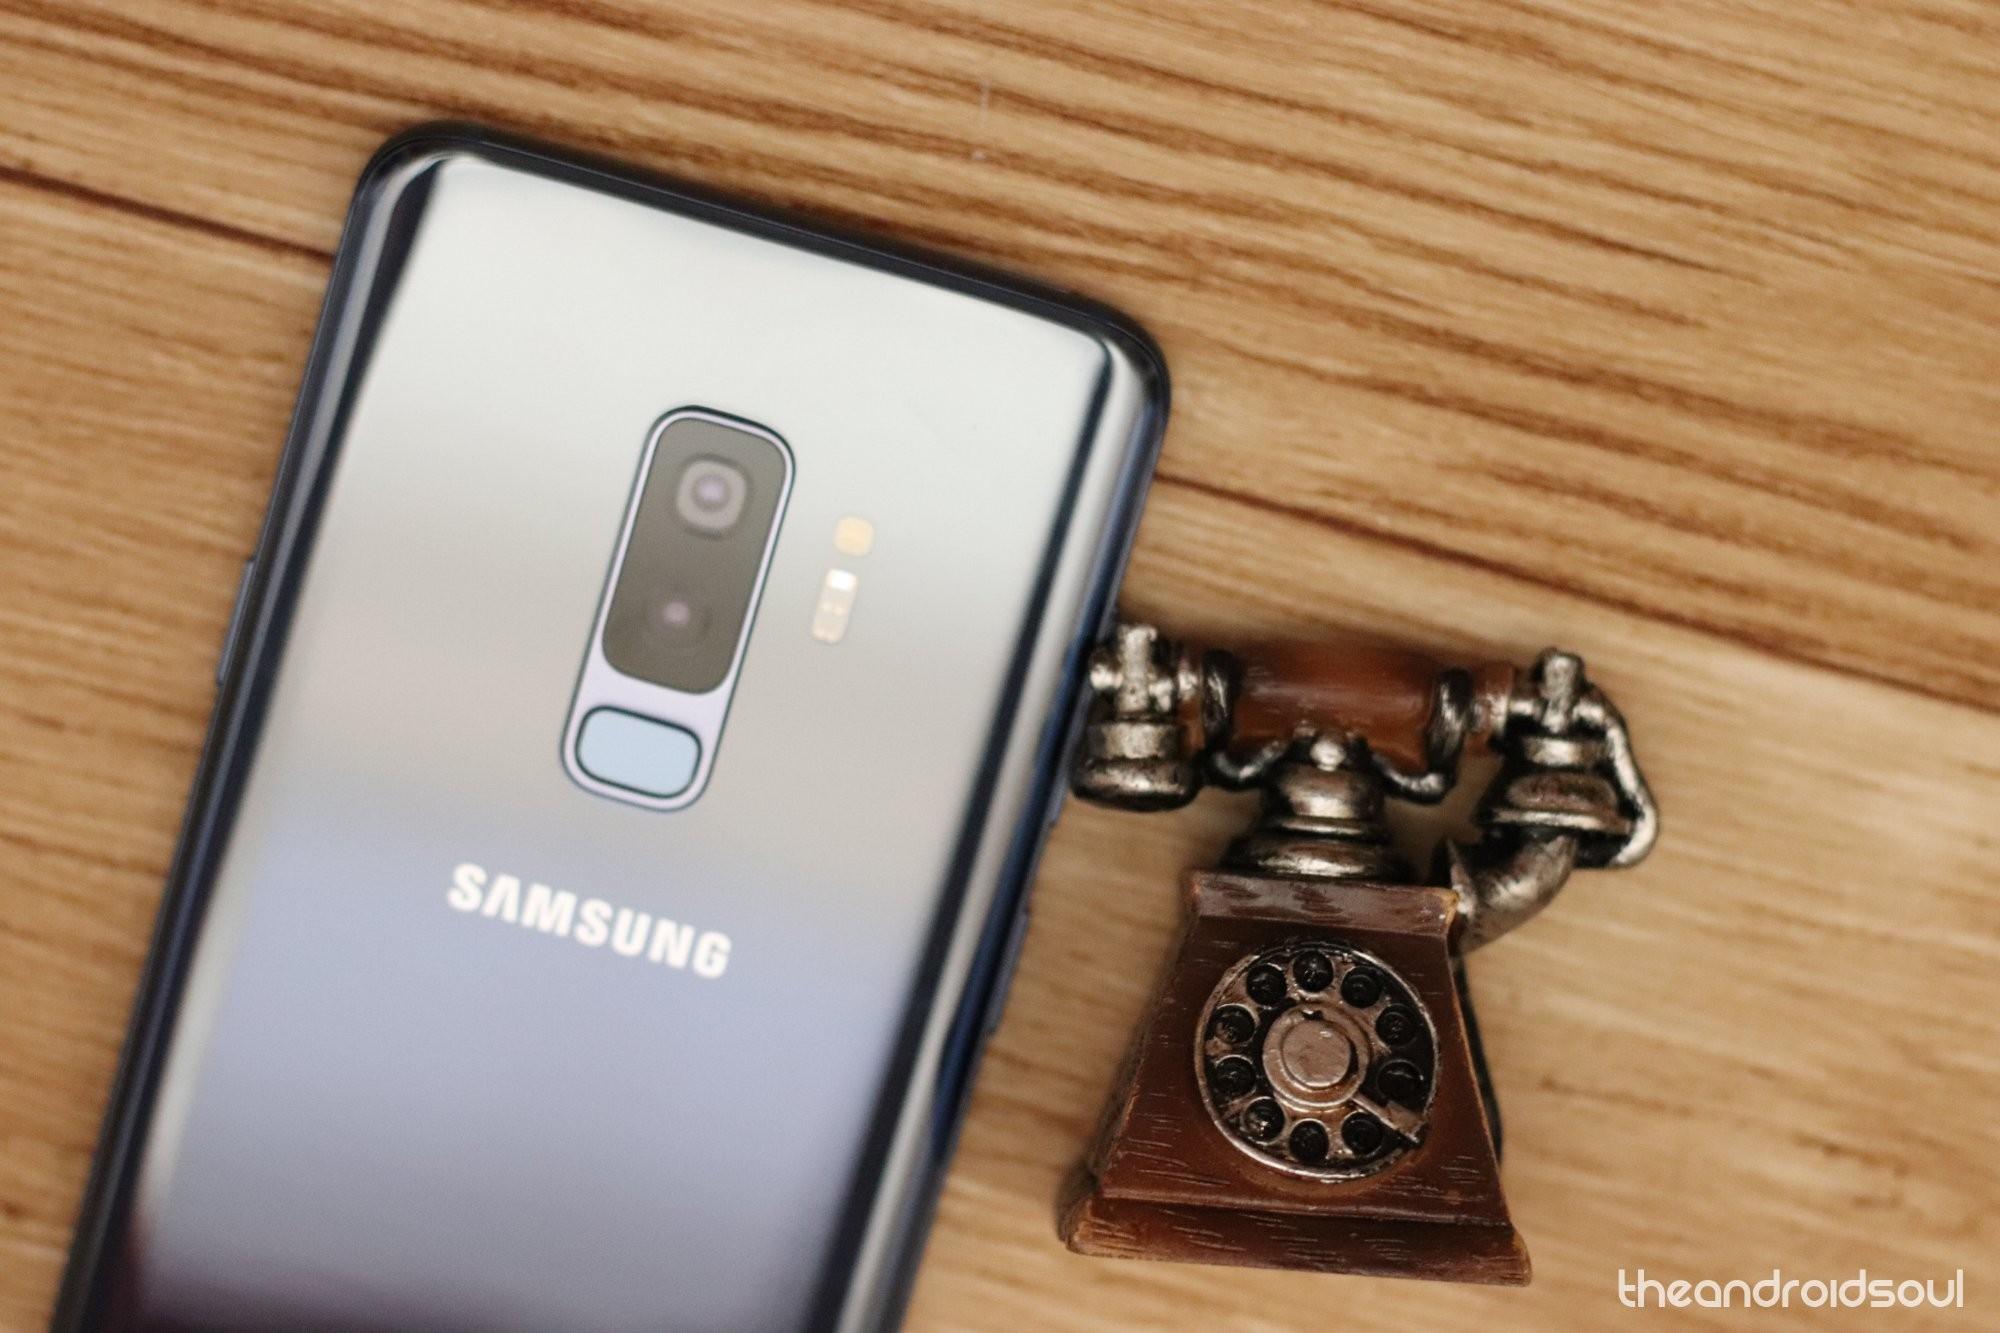 Galaxy S9 Wi-Fi calling